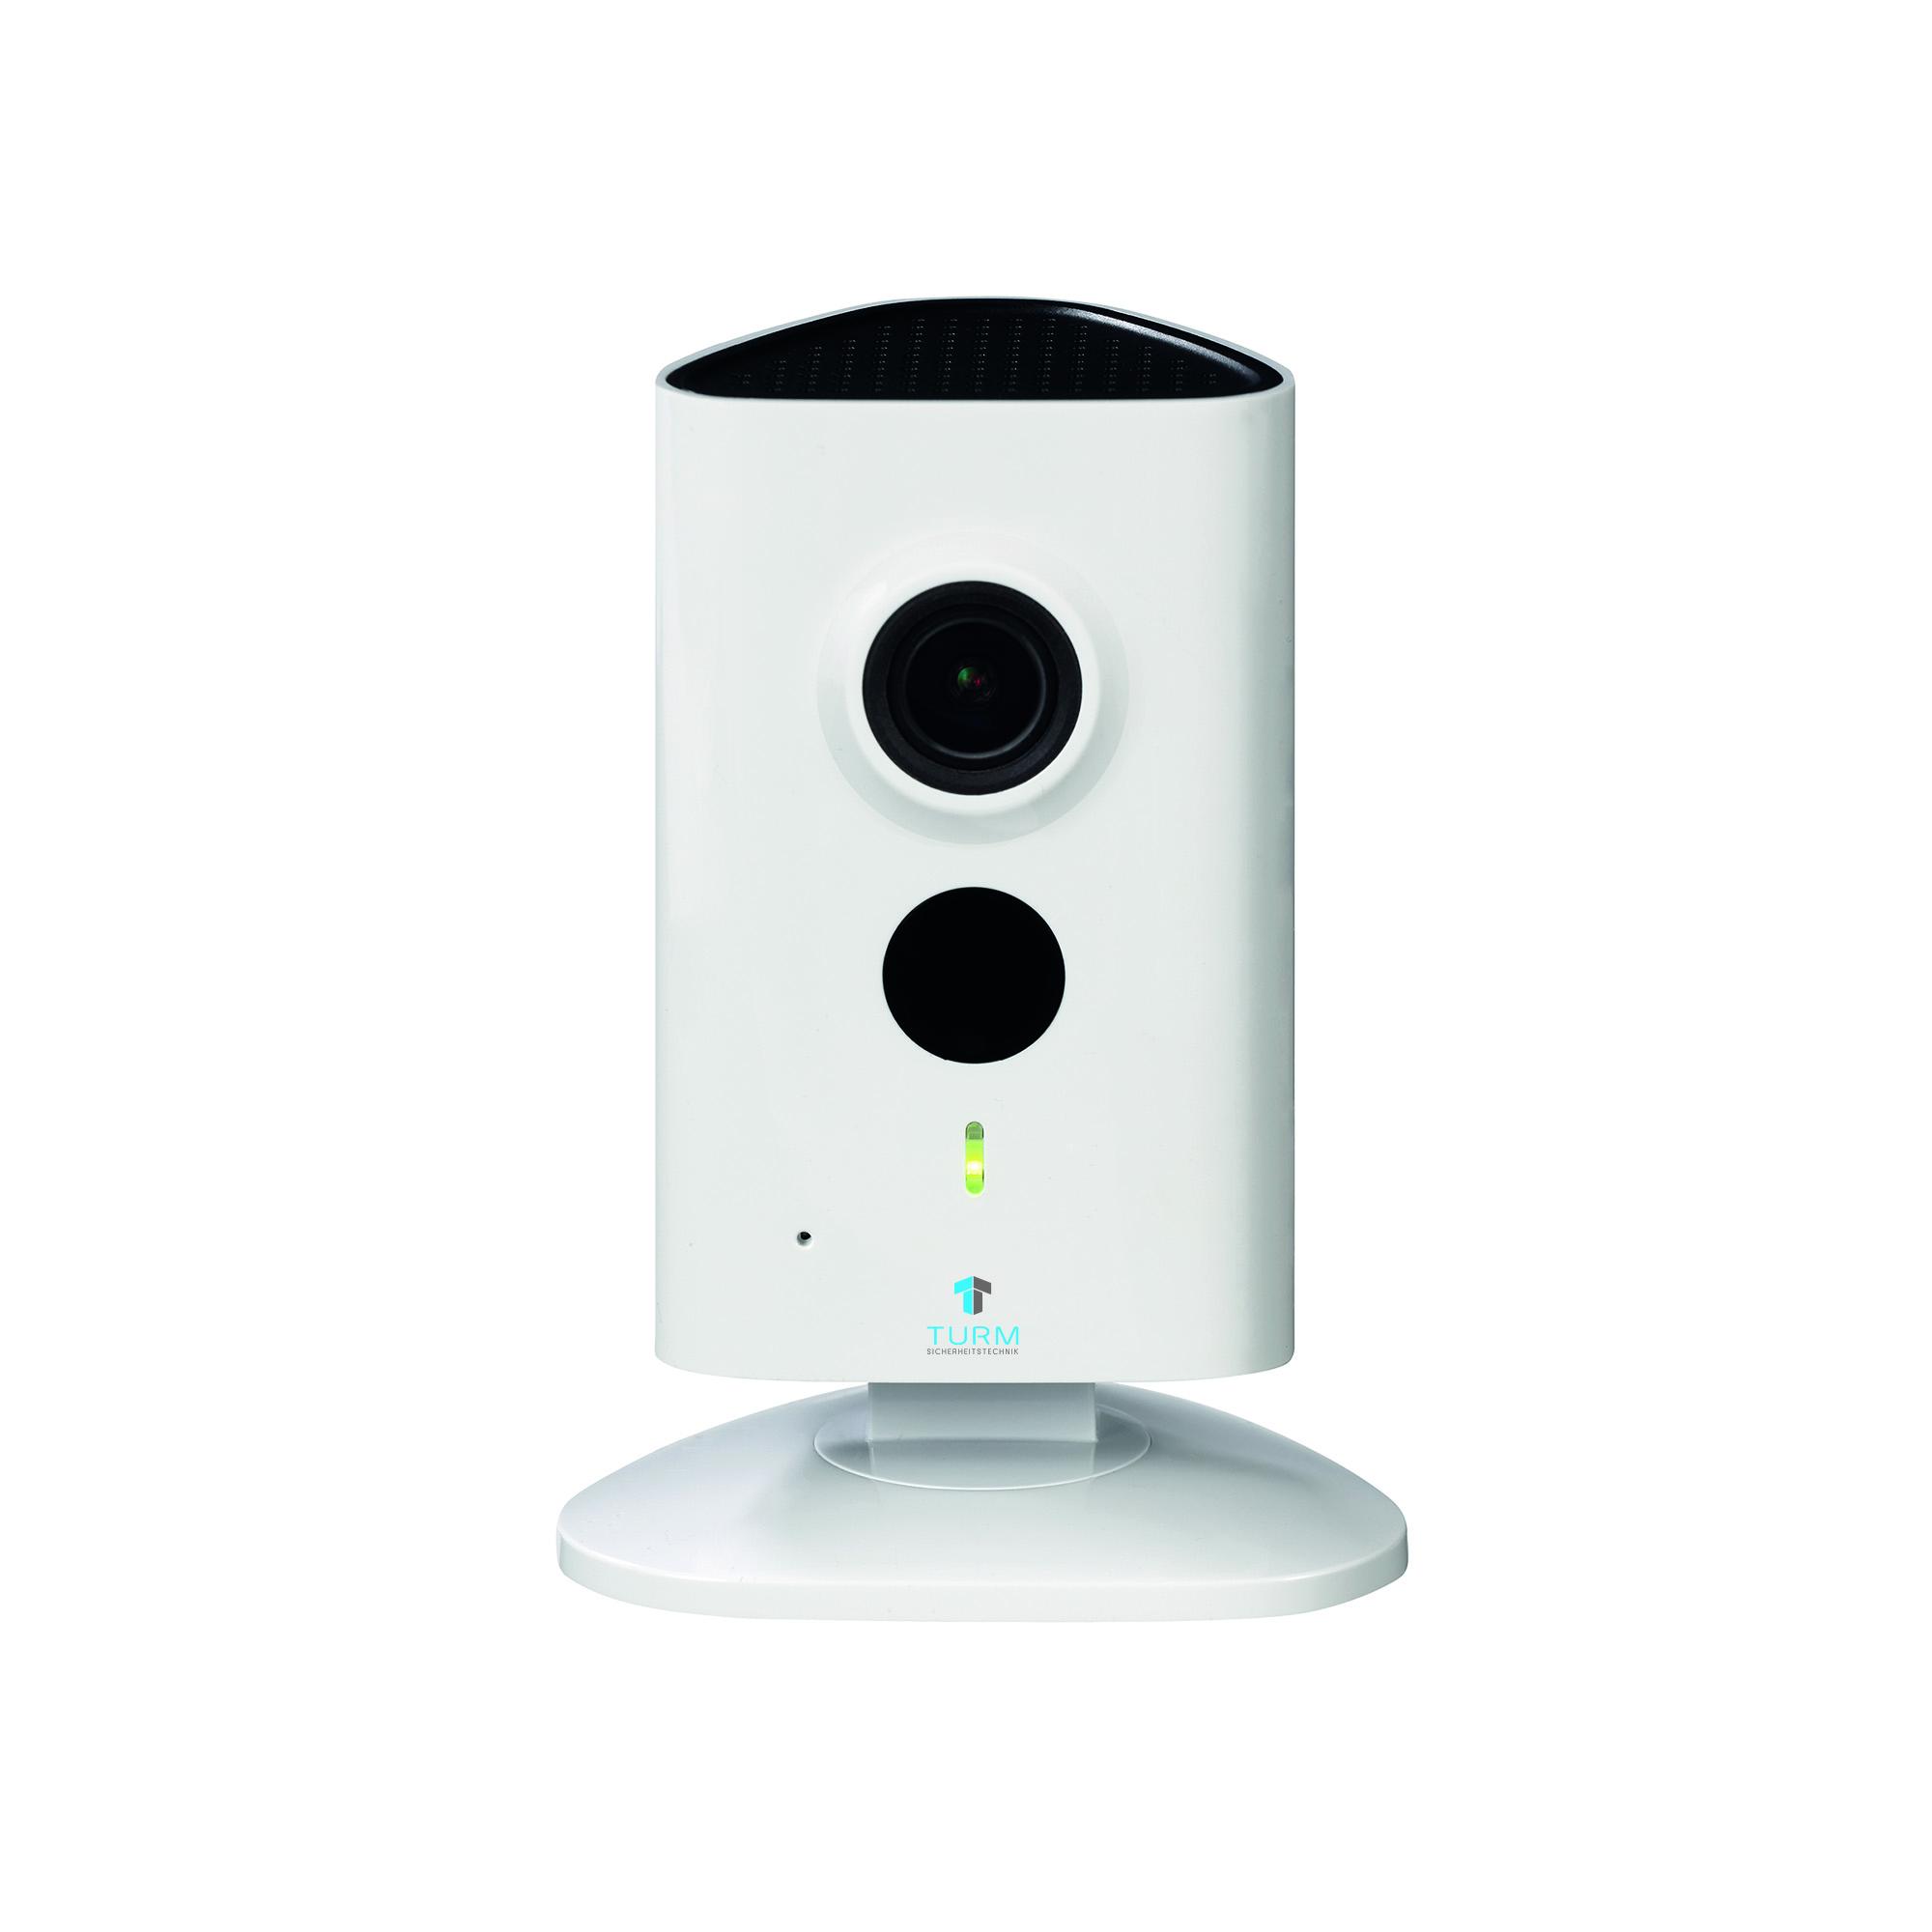 wlan ip berwachungskamera f r einfachen einsatz zuhause mit wps und 3 megapixel sicherheit360. Black Bedroom Furniture Sets. Home Design Ideas